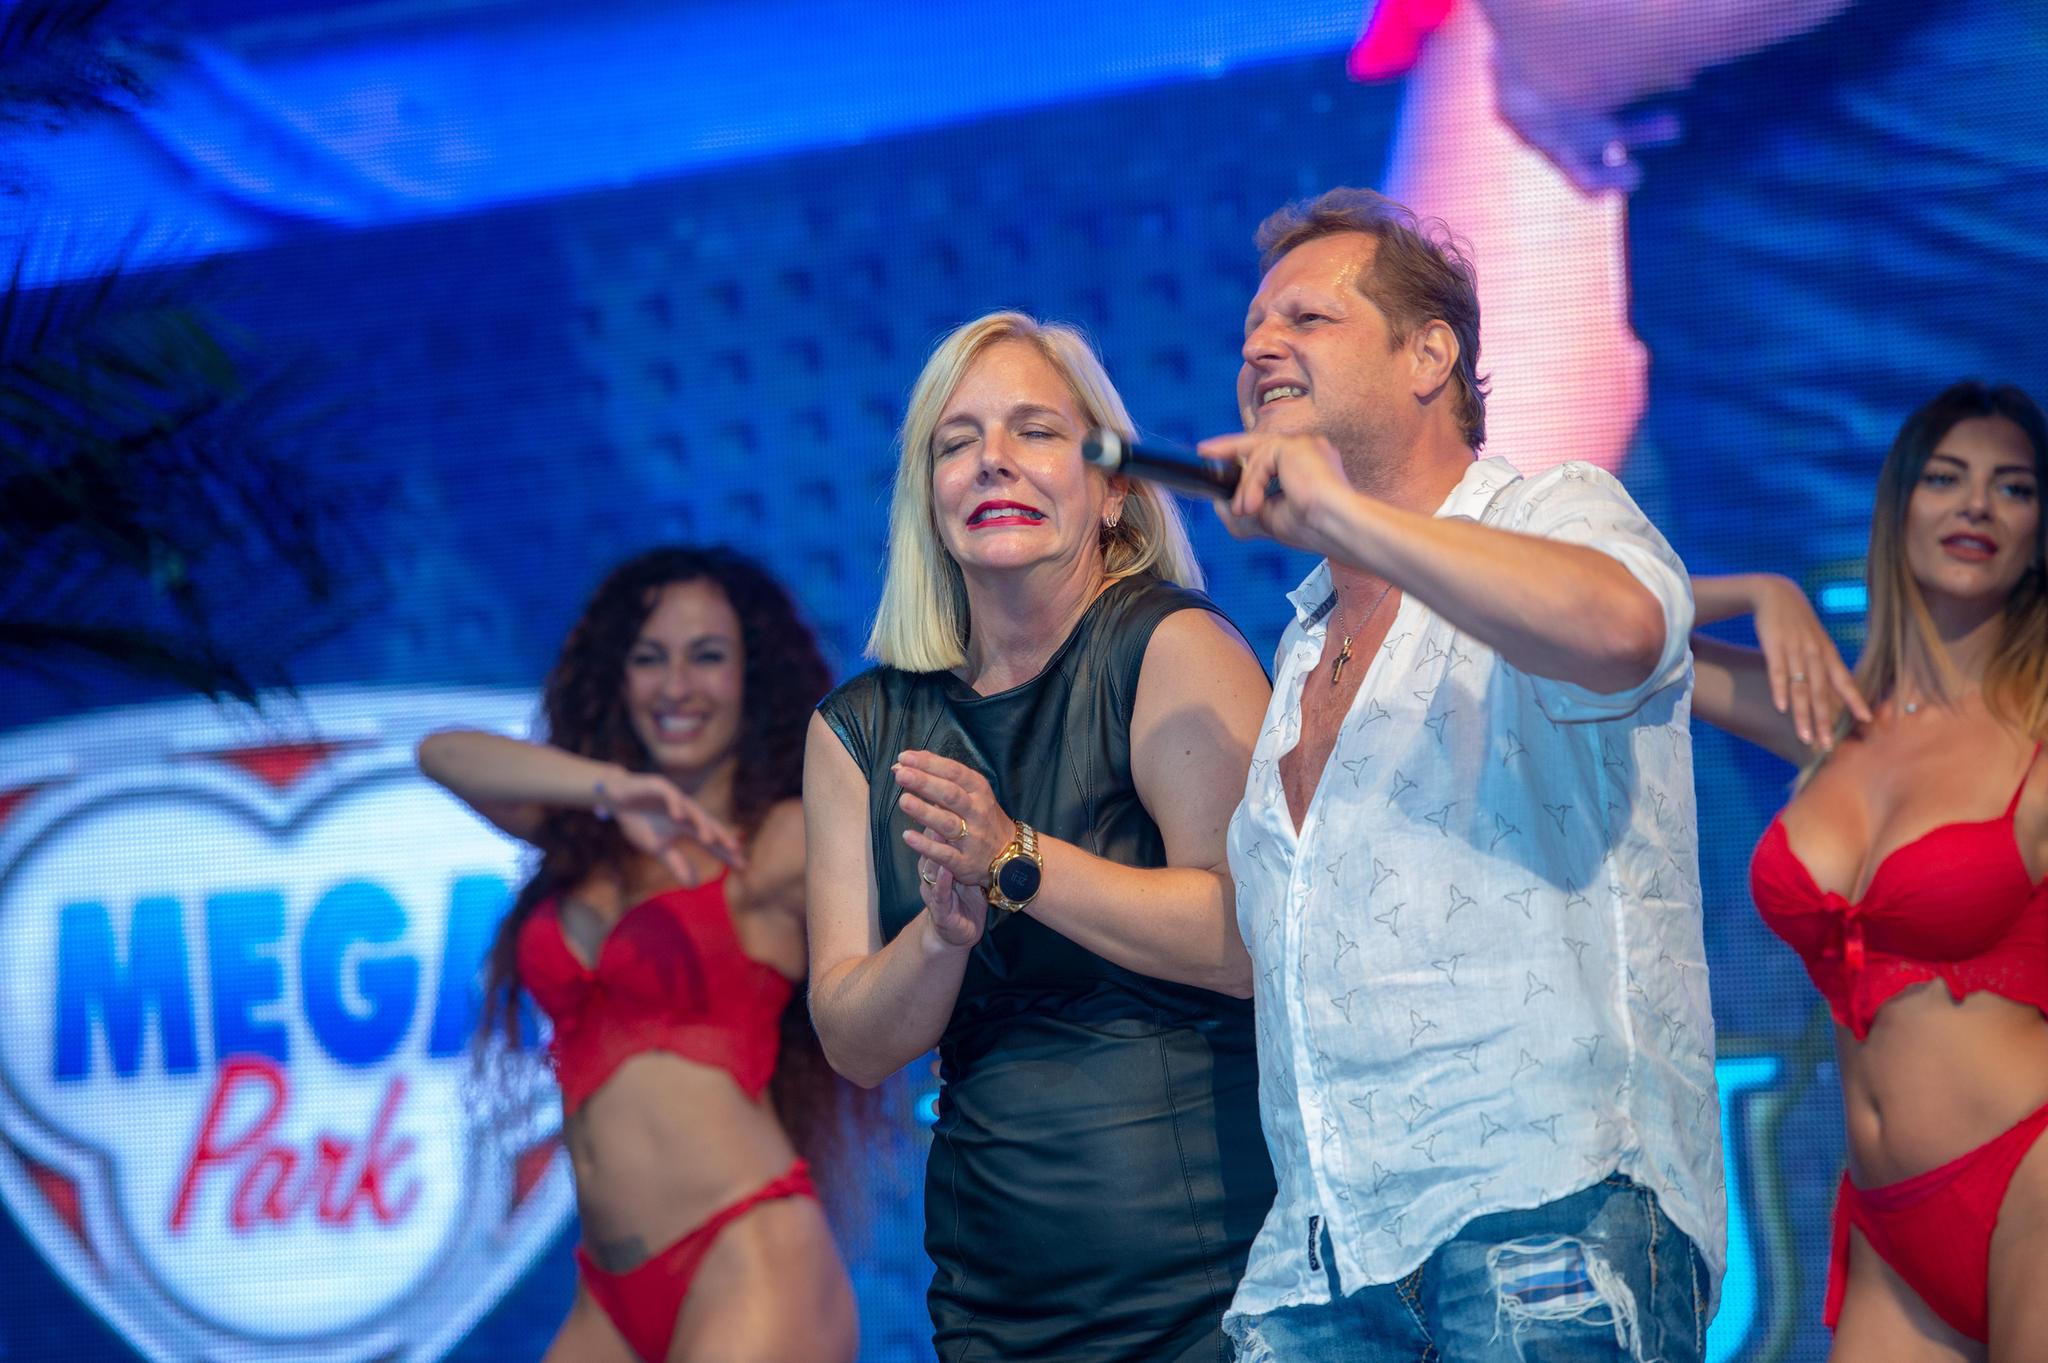 Während einer Show scheint Jens neben der Spur. Auch Ehefrau Daniela, die er auf die Bühne gebeten hat, scheint das zu spüren